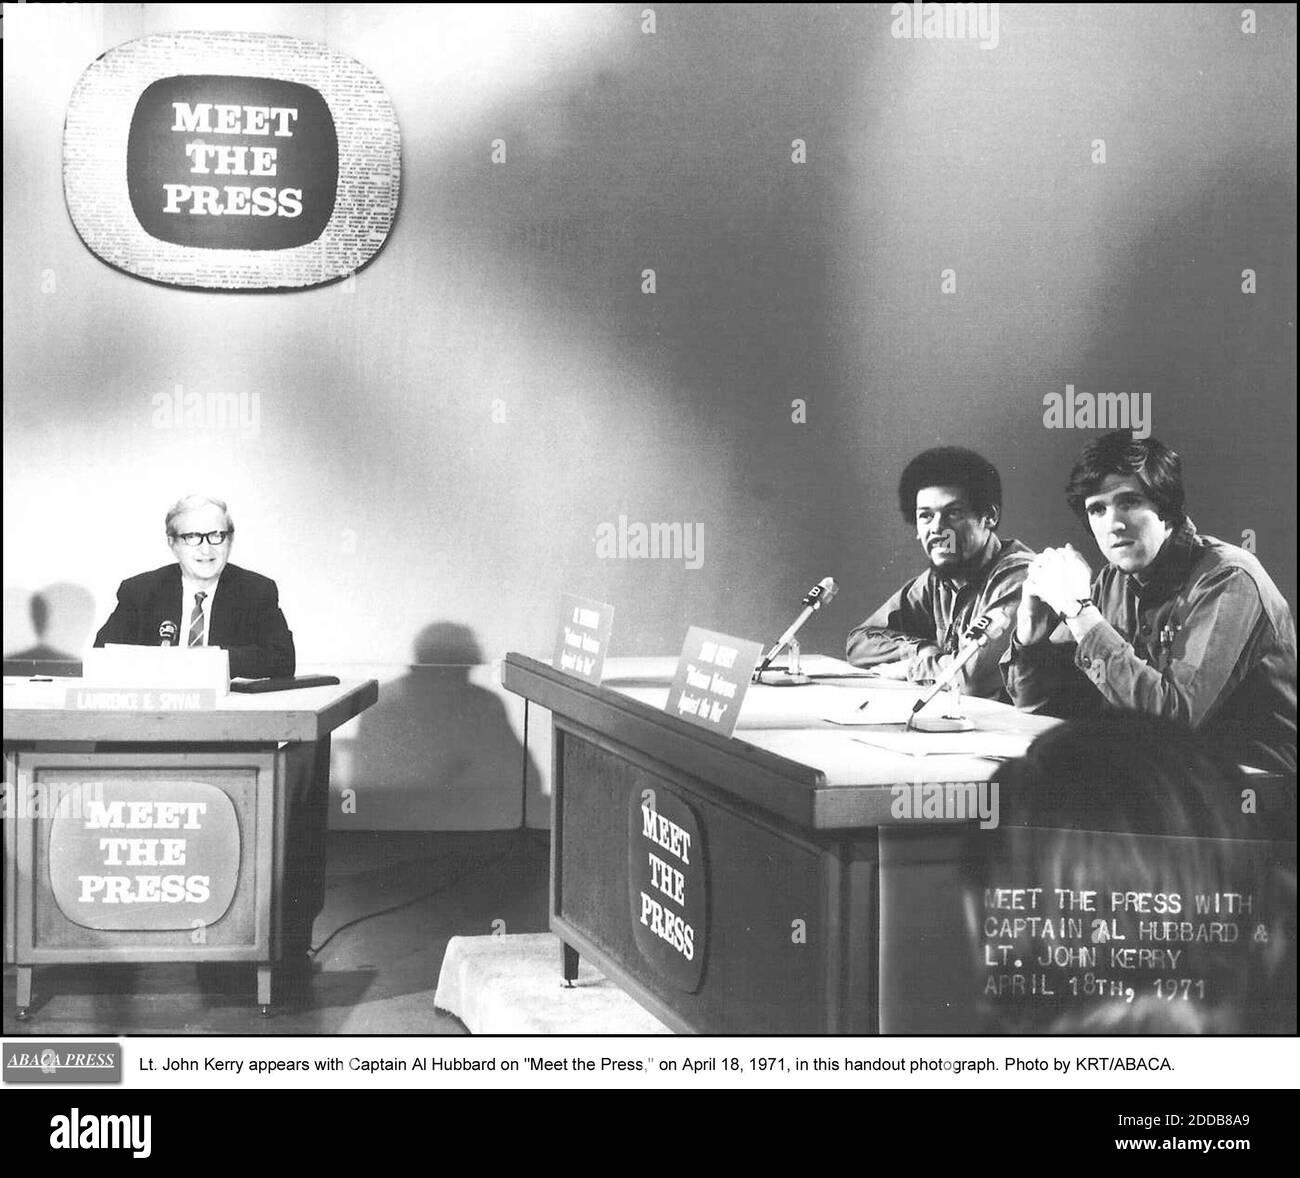 NO HAY PELÍCULA, NO HAY VÍDEO, NO hay televisión, NO HAY DOCUMENTAL - el teniente John Kerry aparece con el capitán al Hubbard en -Meet the Press,- el 18 de abril de 1971, en esta fotografía del folleto. Foto de KRT/ABACA. Foto de stock